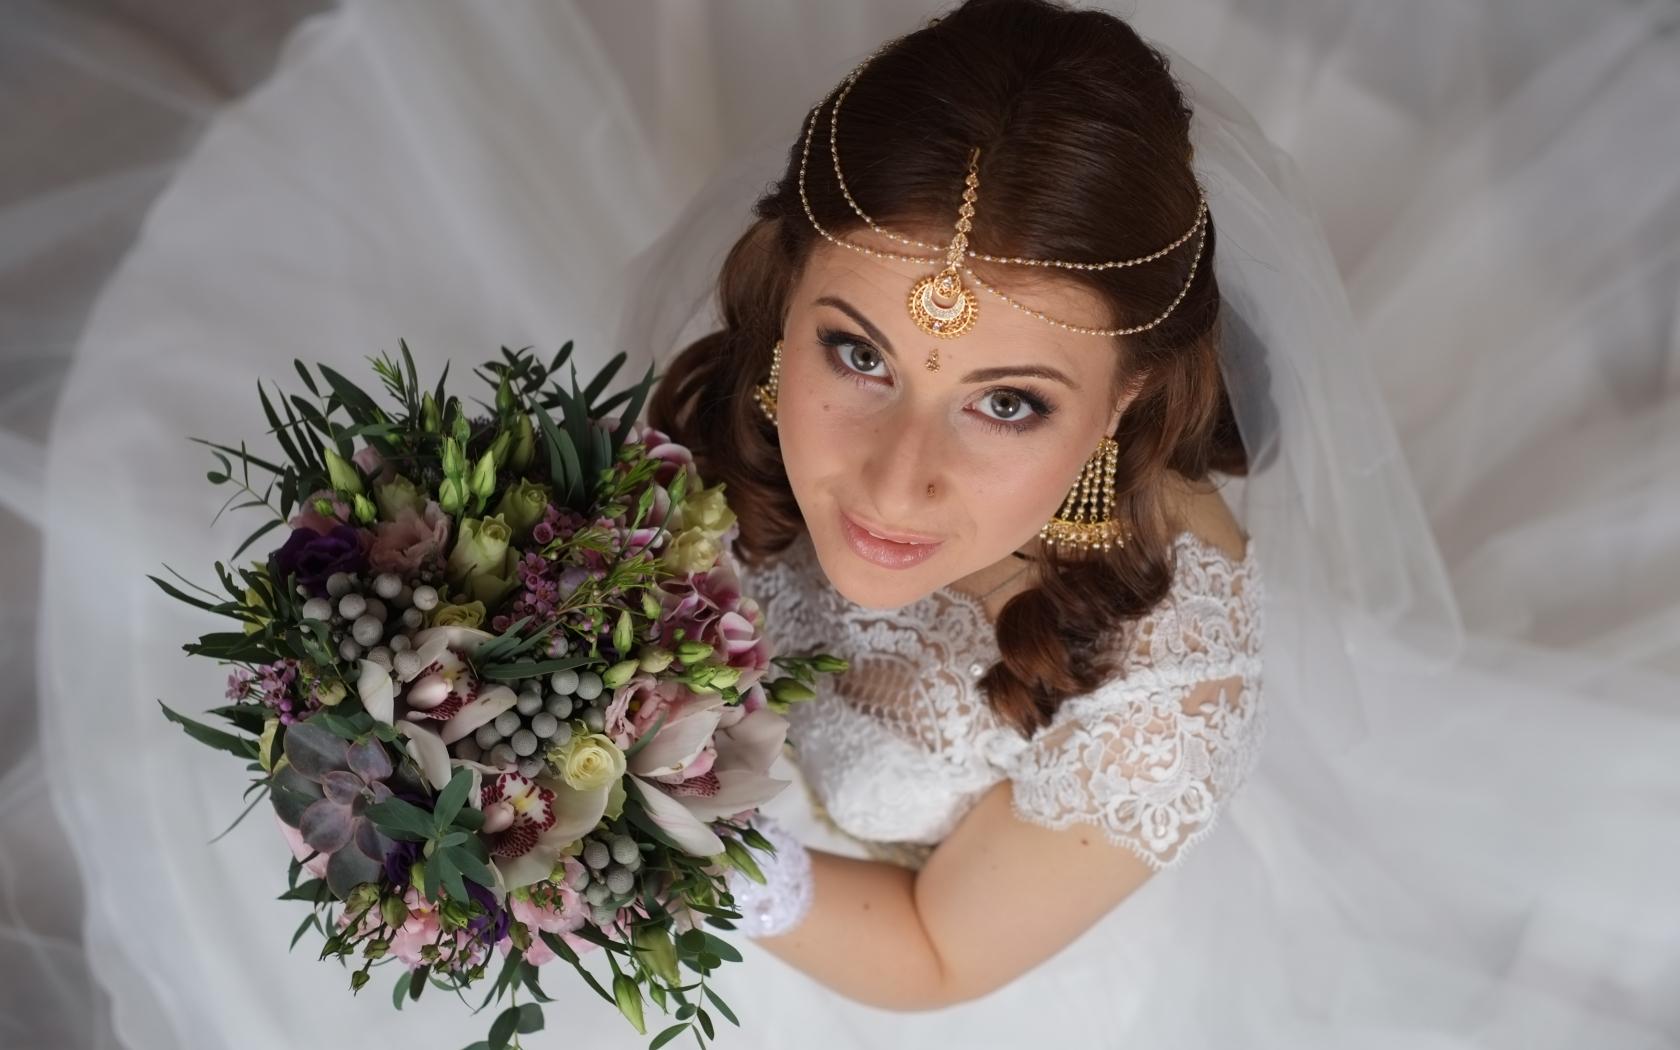 Peinados de novias - 1680x1050